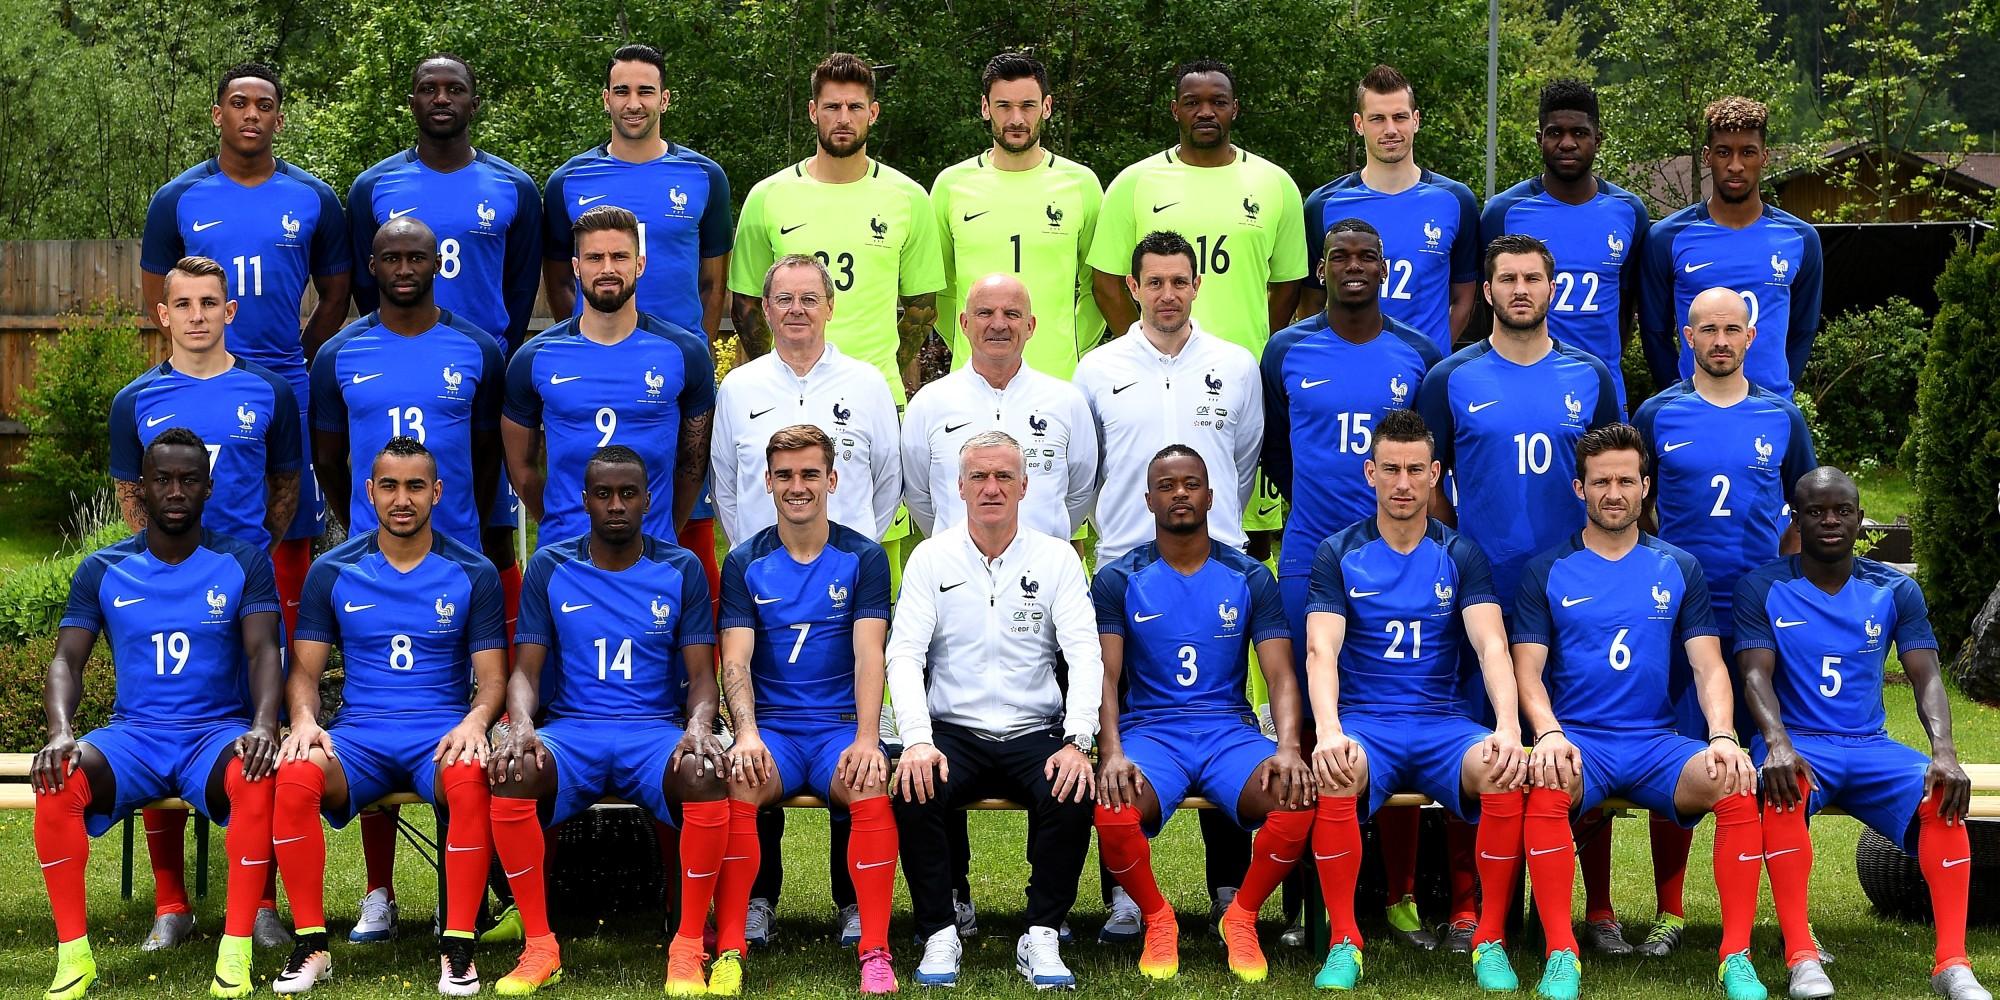 D couvrez tous les joueurs de l 39 quipe de france dans la photo officielle de l 39 euro 2016 - Image de joueur de foot a imprimer ...